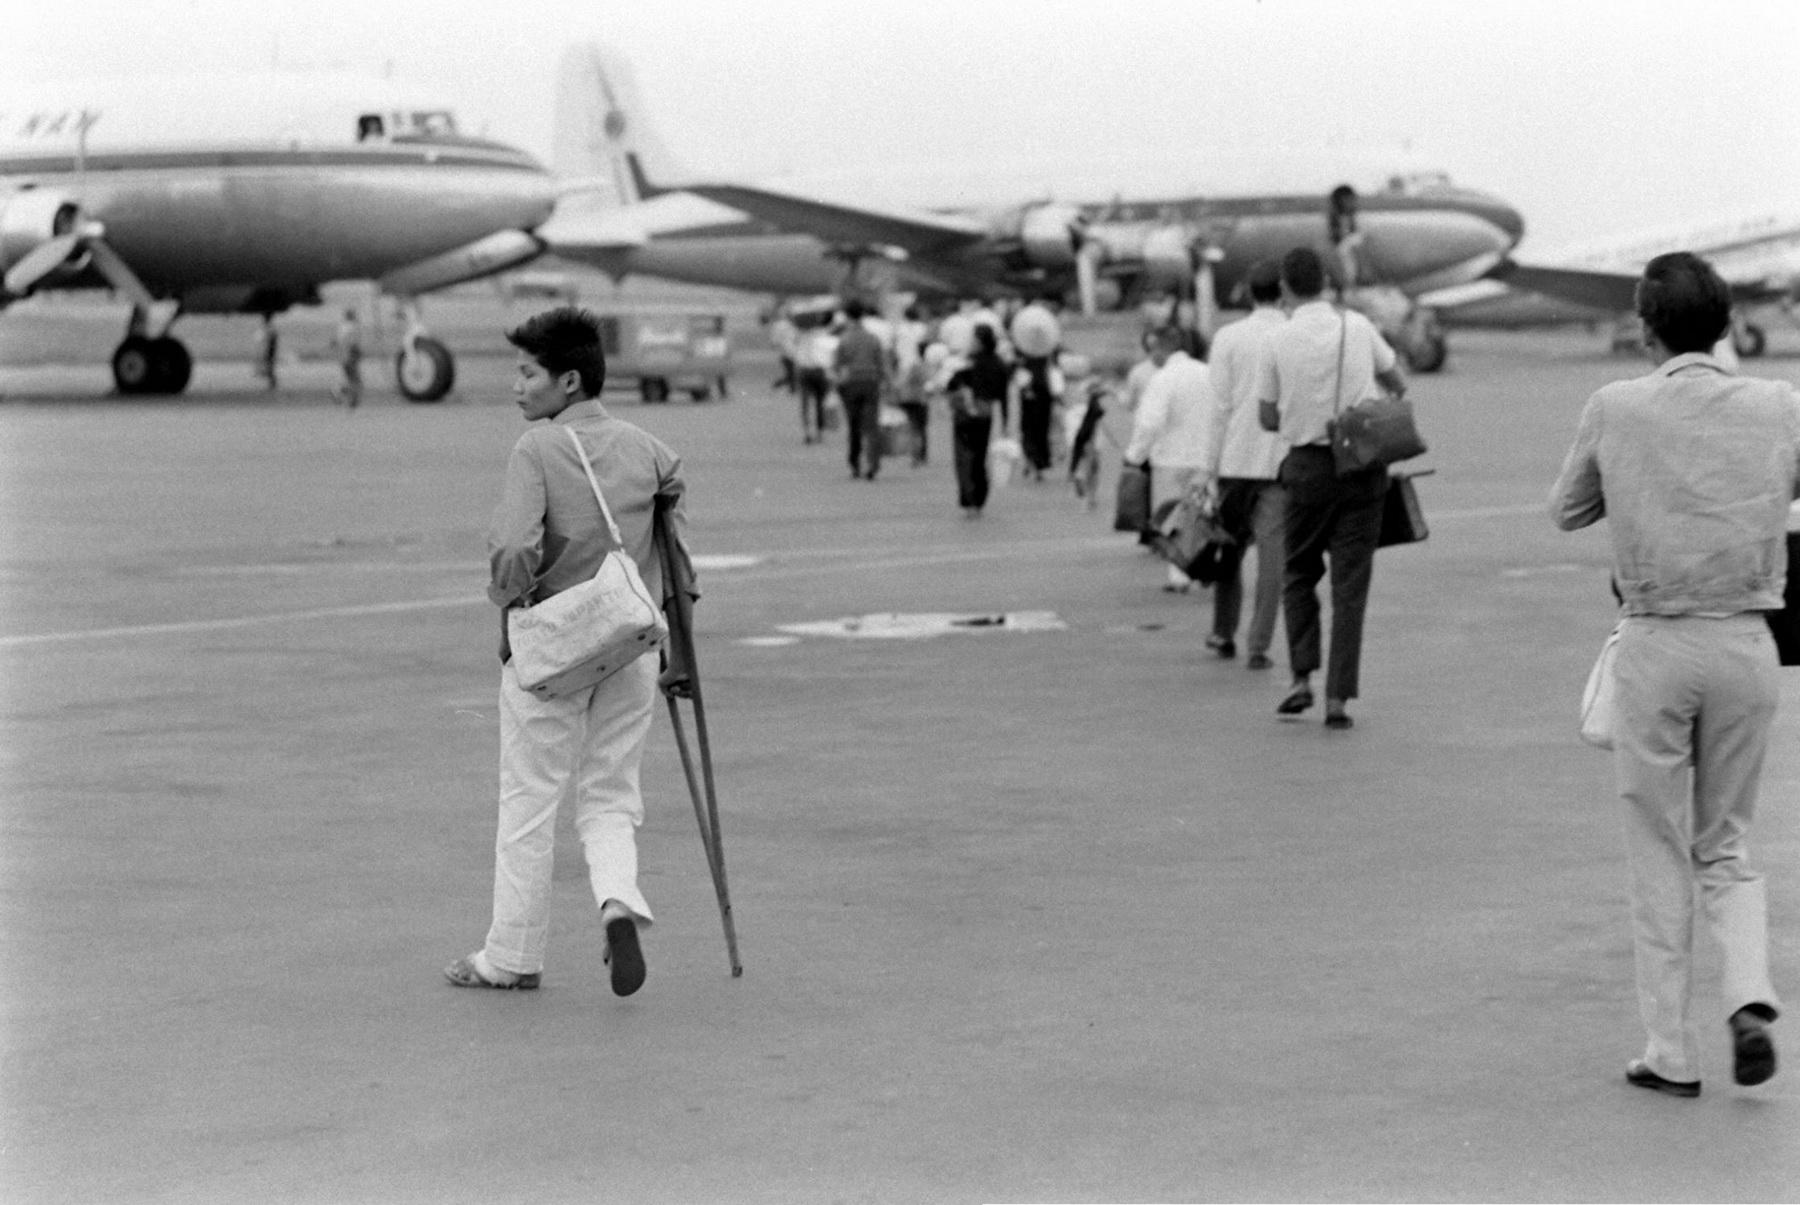 Chùm ảnh: Người Sài Gòn xưa đi máy bay như thế nào?